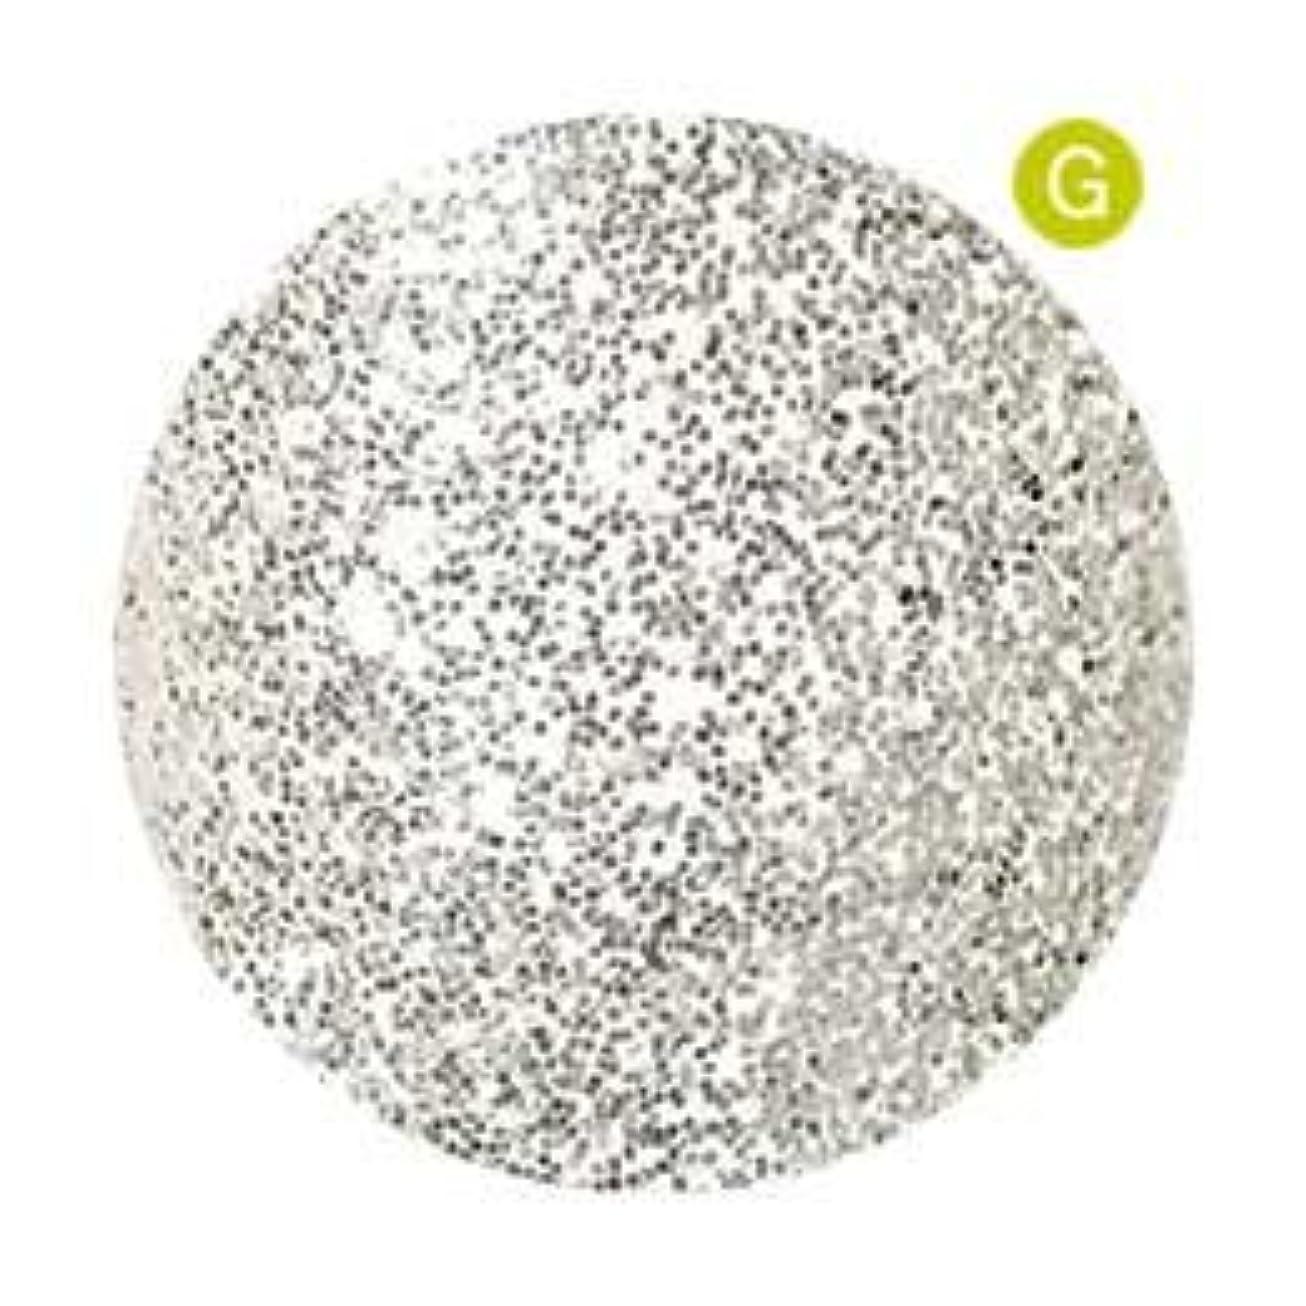 判読できない香水メタルラインPalms Graceful カラージェル 3g 038 ホワイトシルバー